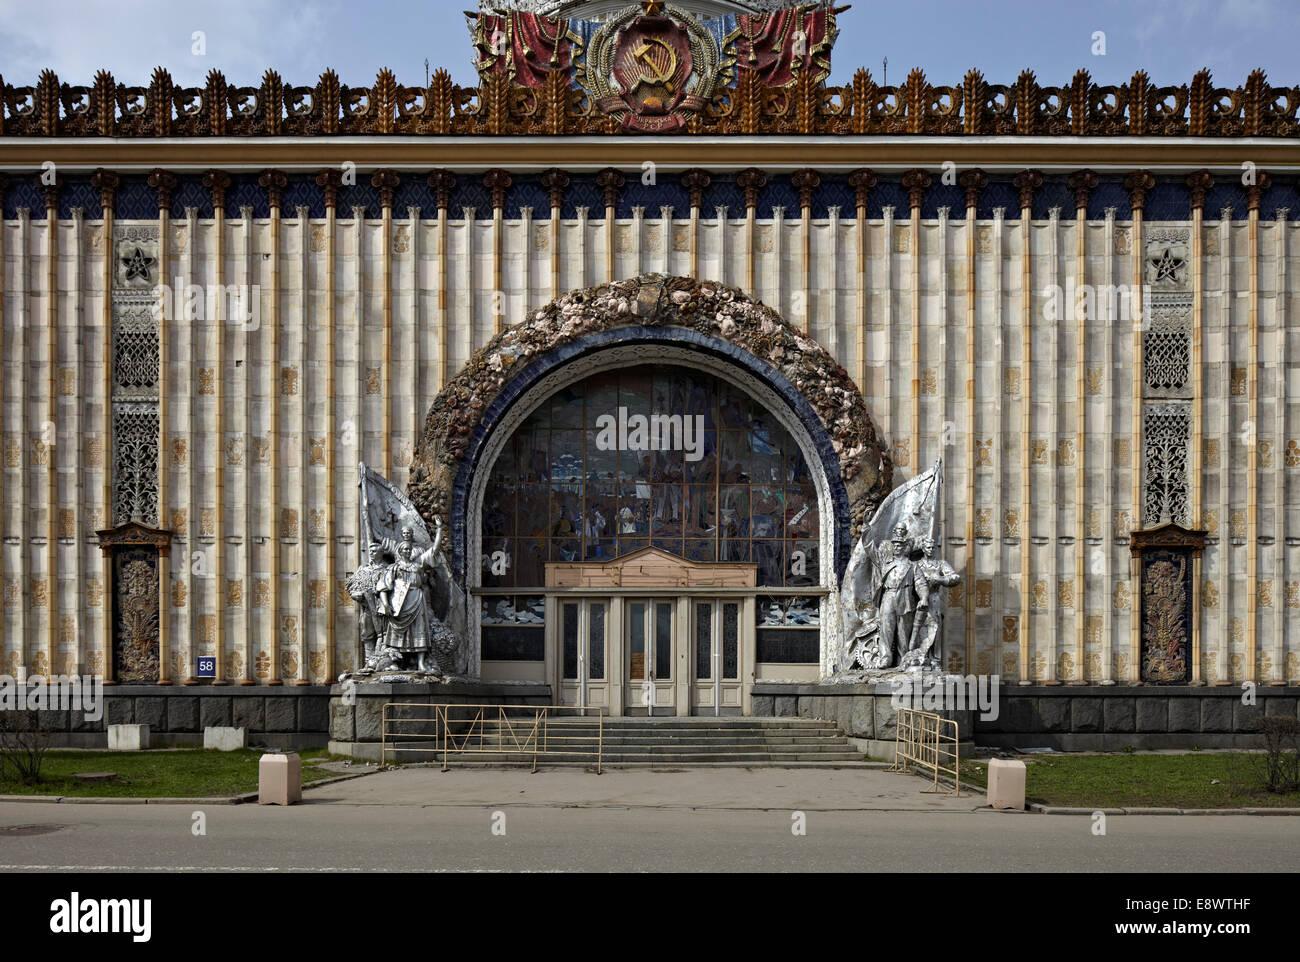 Pavillon porte entrée voûtée de l'Ukraine, toutes les expositions de la Russie, Moscou, Russie. Photo Stock